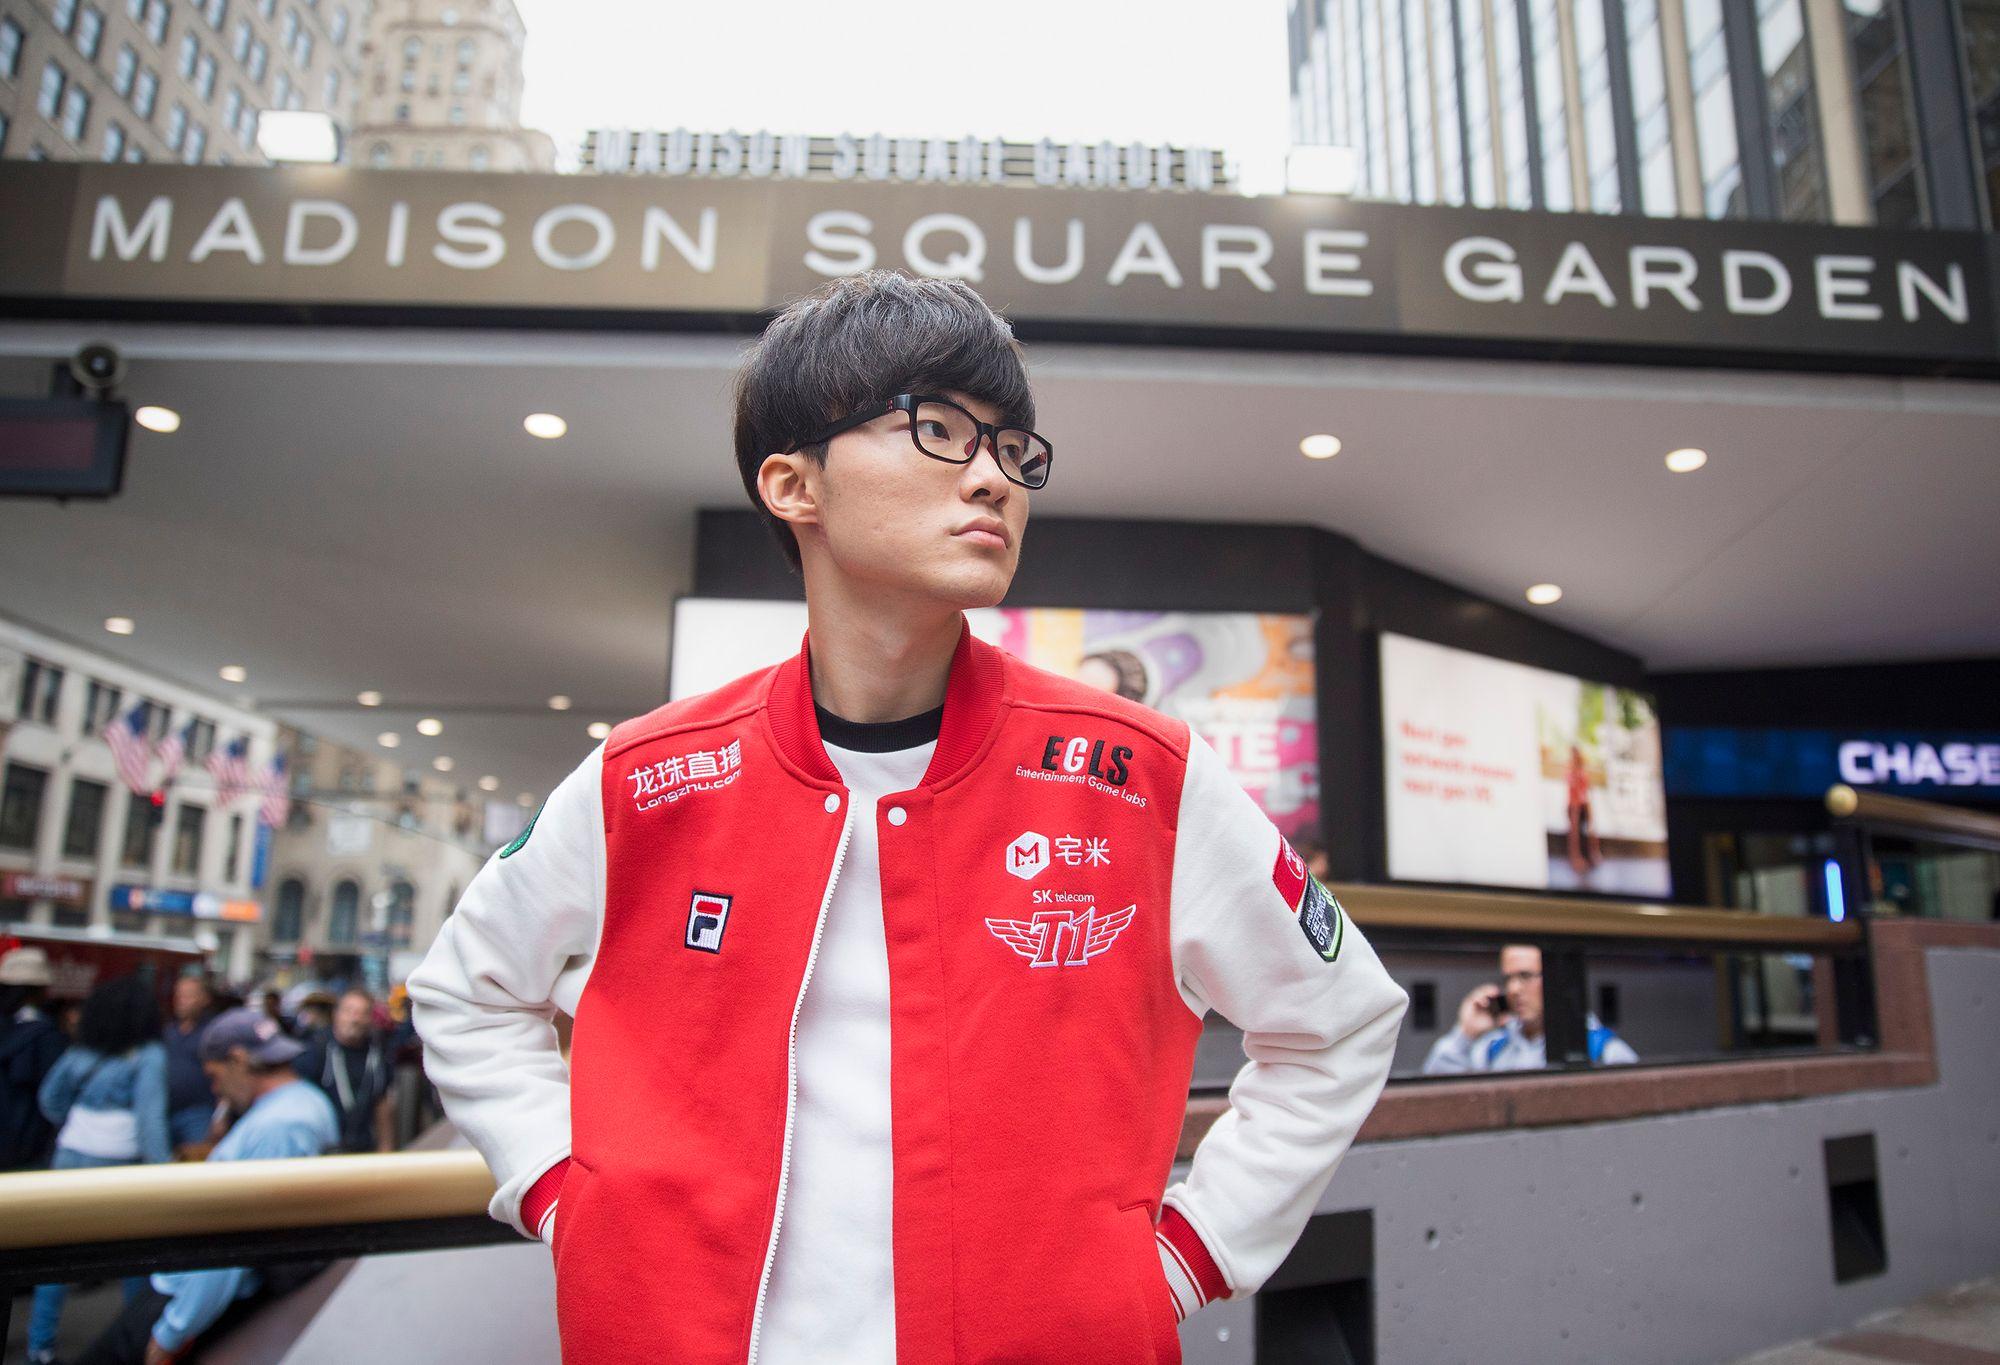 Lee «Faker» Sang-hyeokposerer foran Madison Square Garden i New York, hvor semifinalene ble spilt.